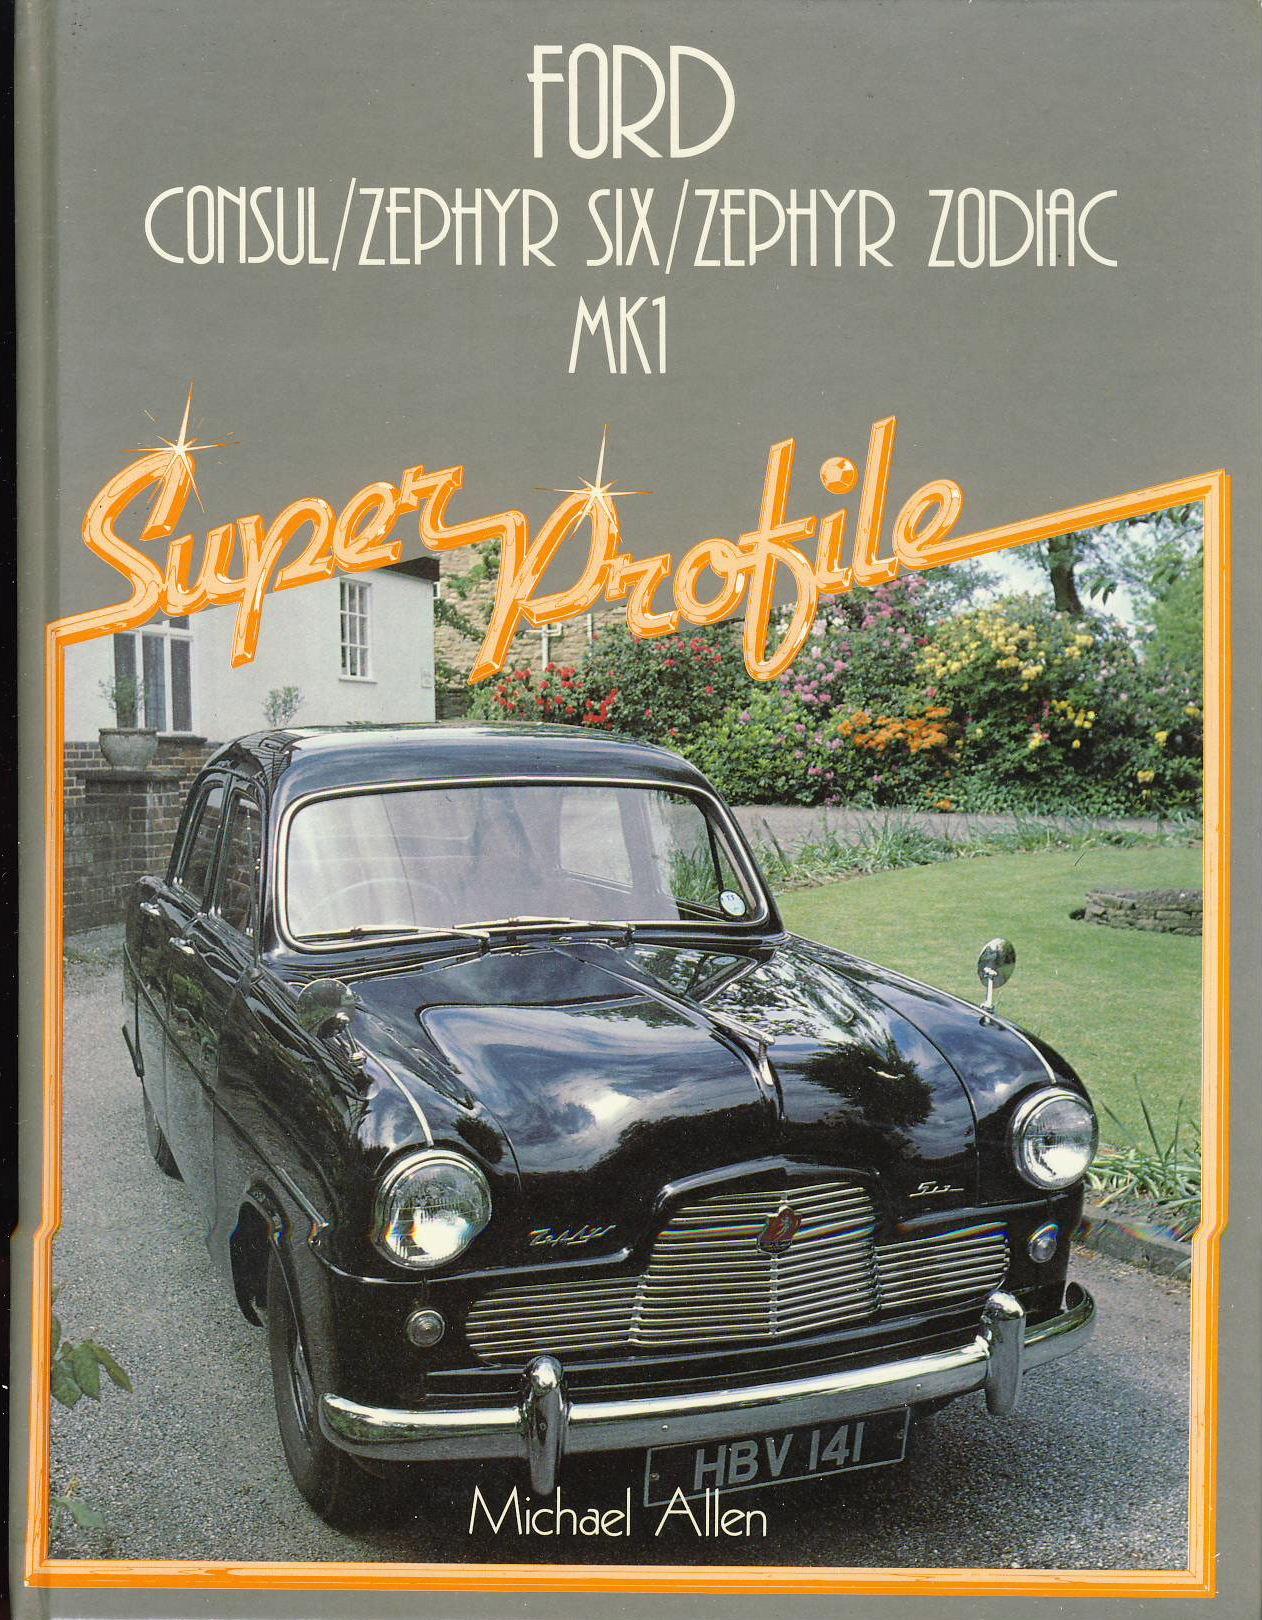 FORD Super Profile Hardback Book by Michael Allen (1986) Consul